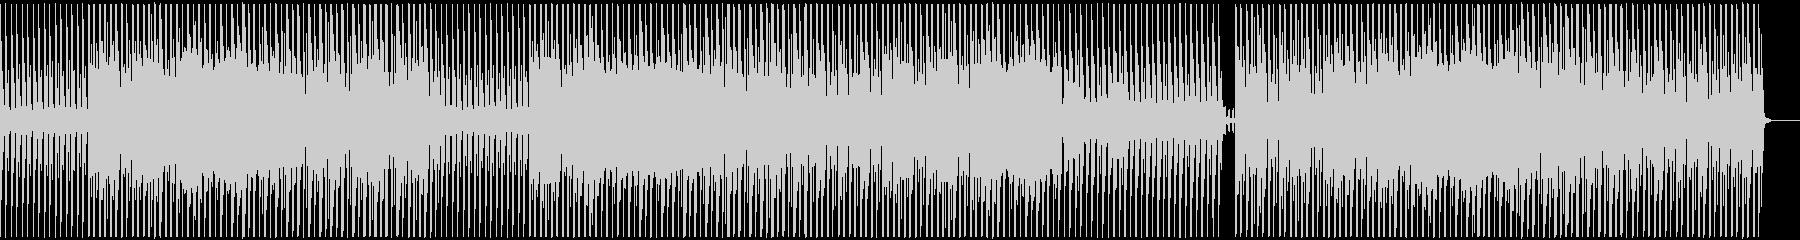 未来的でクールなミニマルテクノの未再生の波形